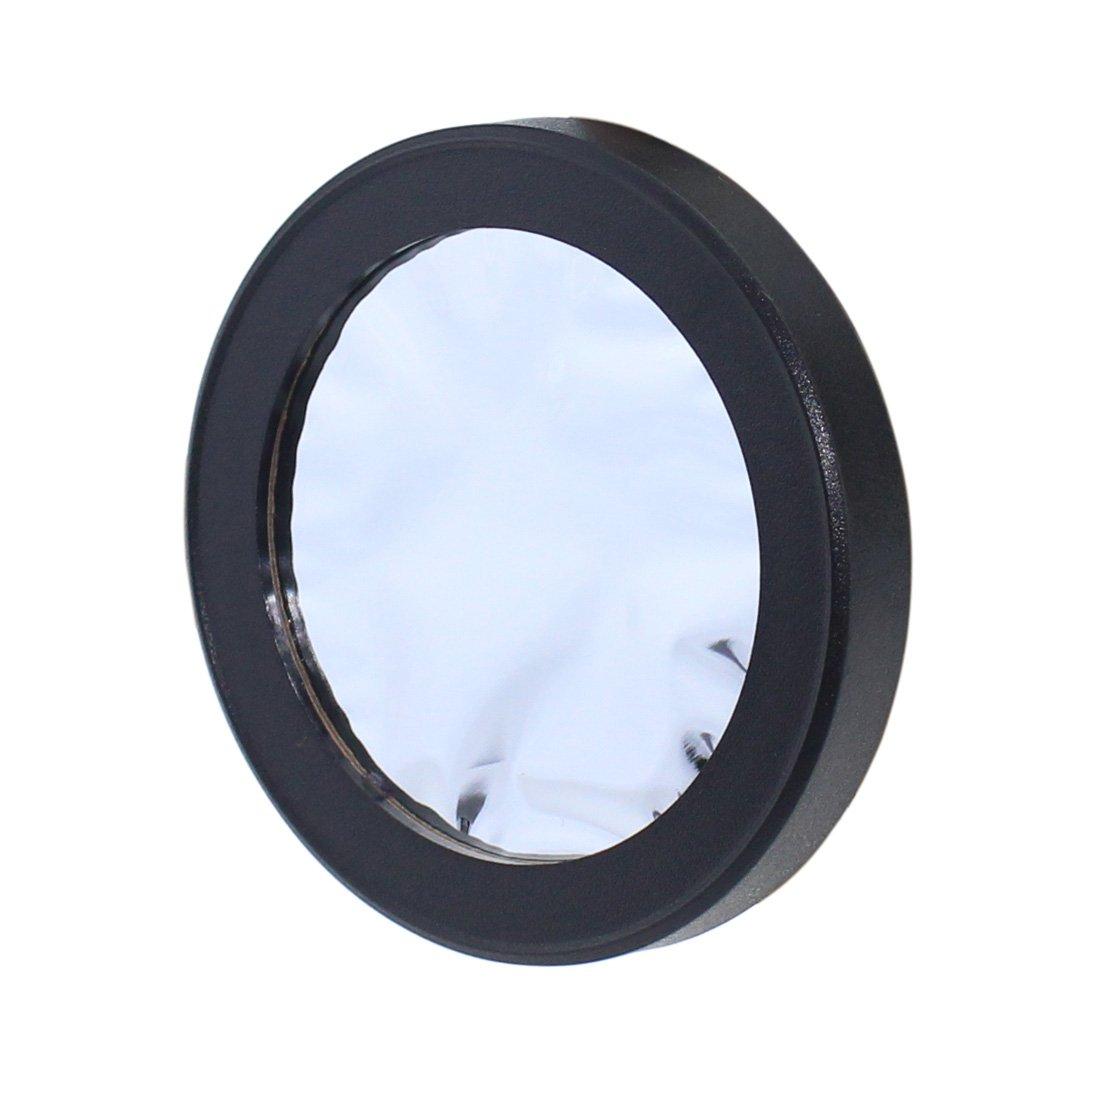 Solomark 70mm Solar Filter, Baader Planetarium Film, for 70mm Celestron Aperture Telescopes Plastic - Prepare for the Solar Eclipse of August, 2017